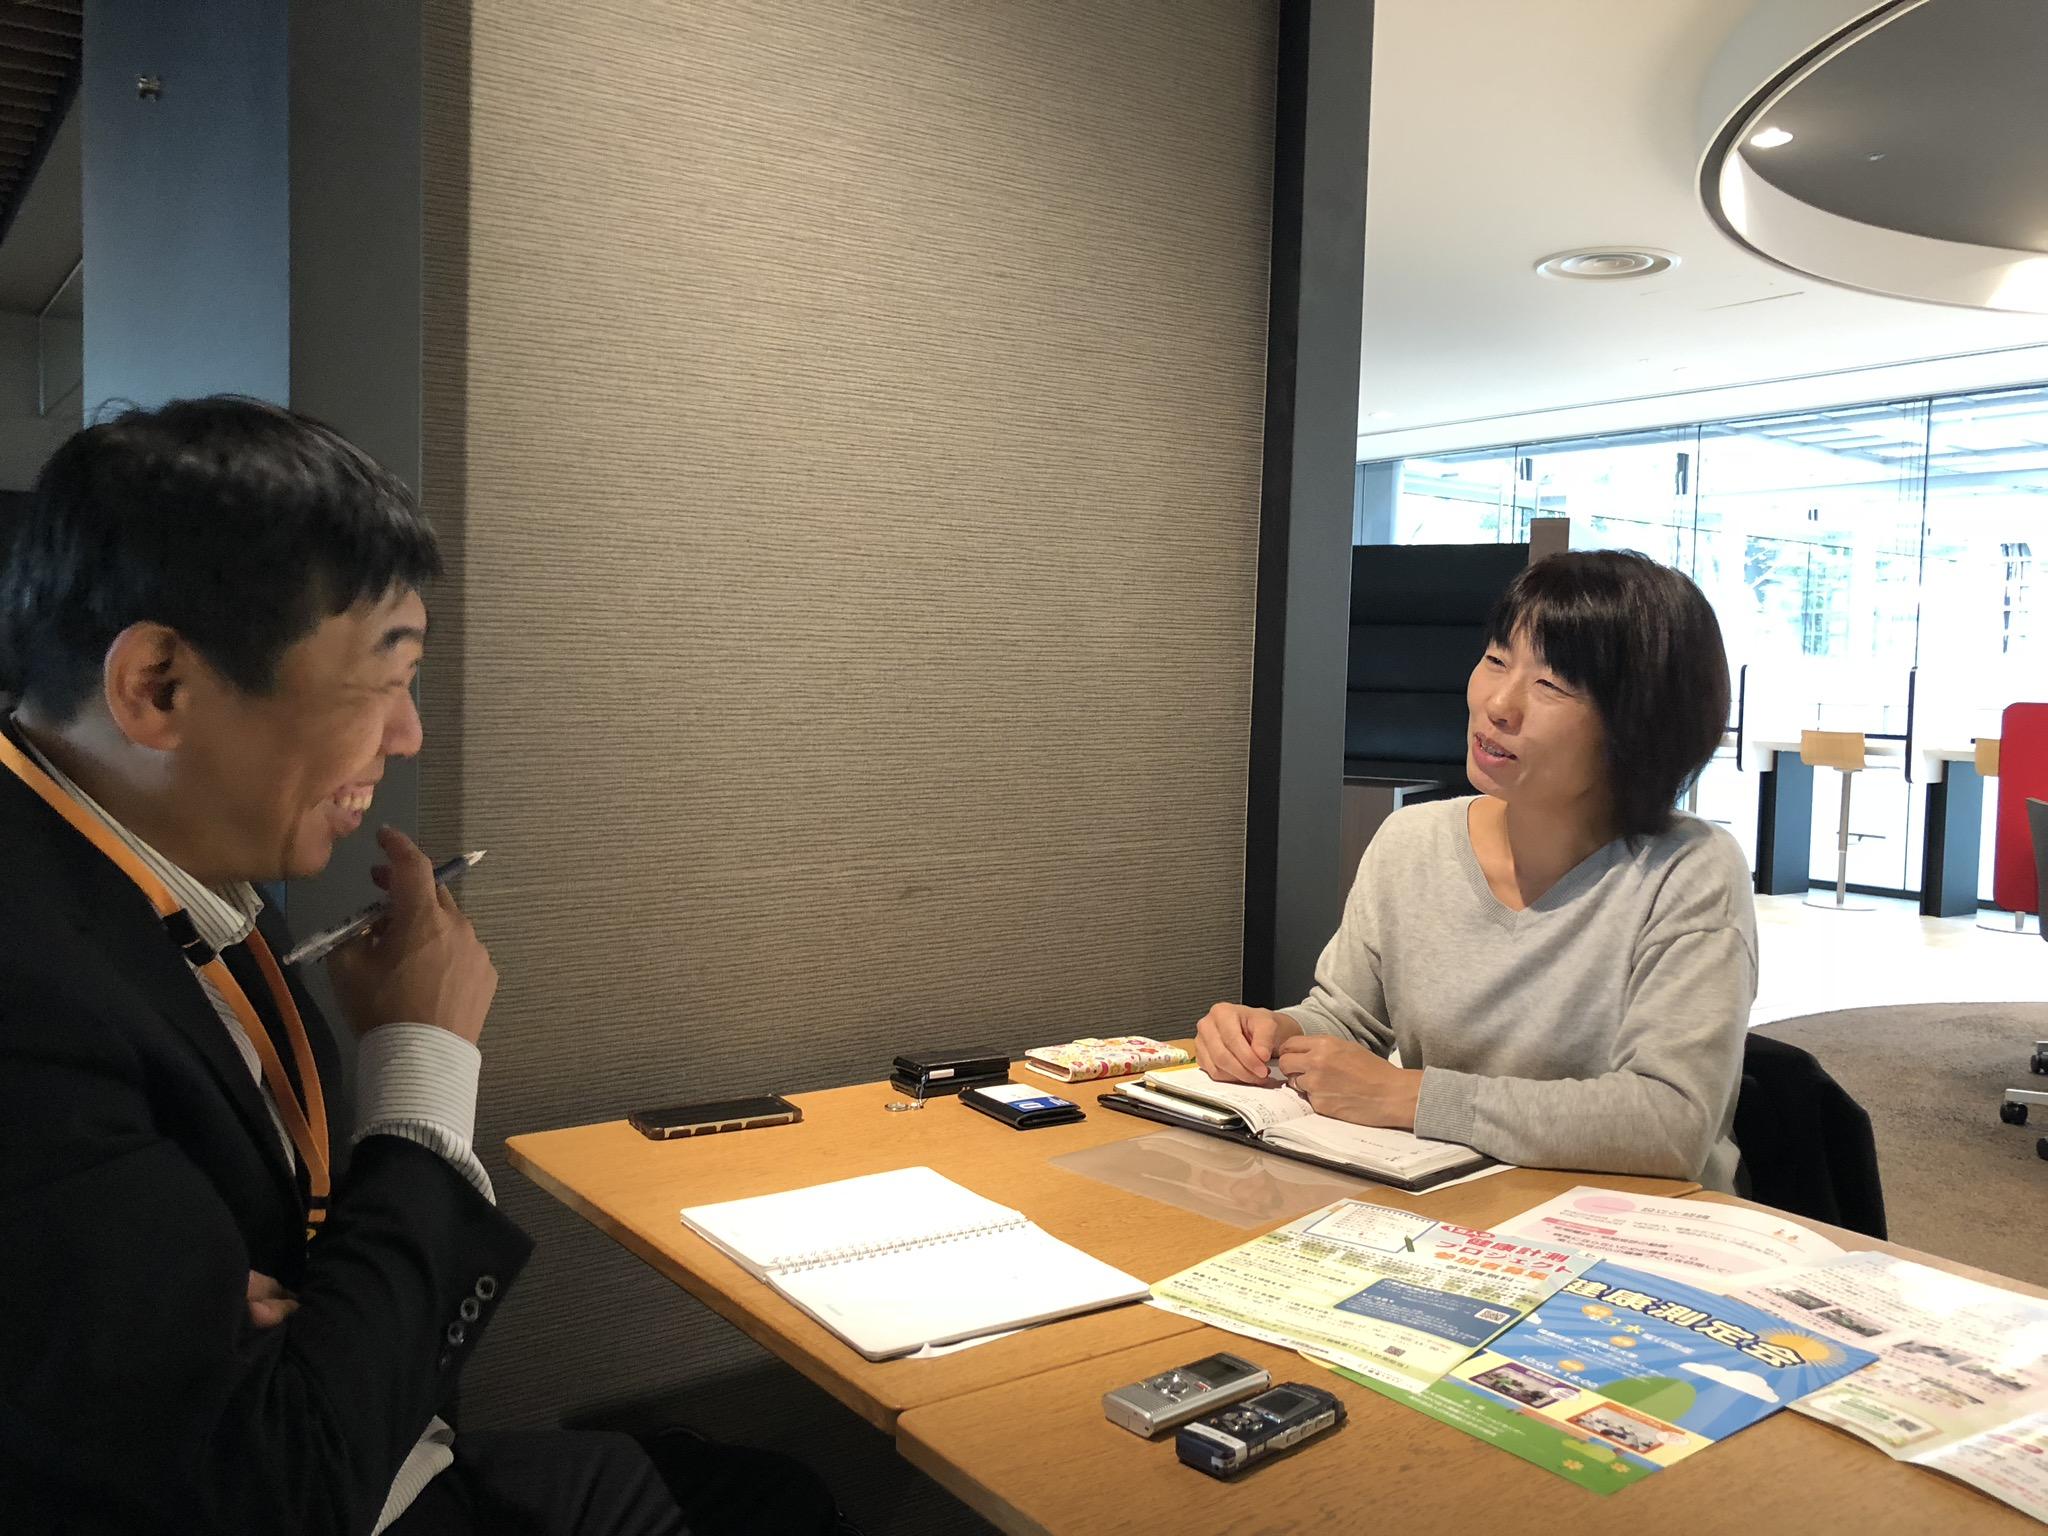 浦田千昌さんインタビュー 写真10